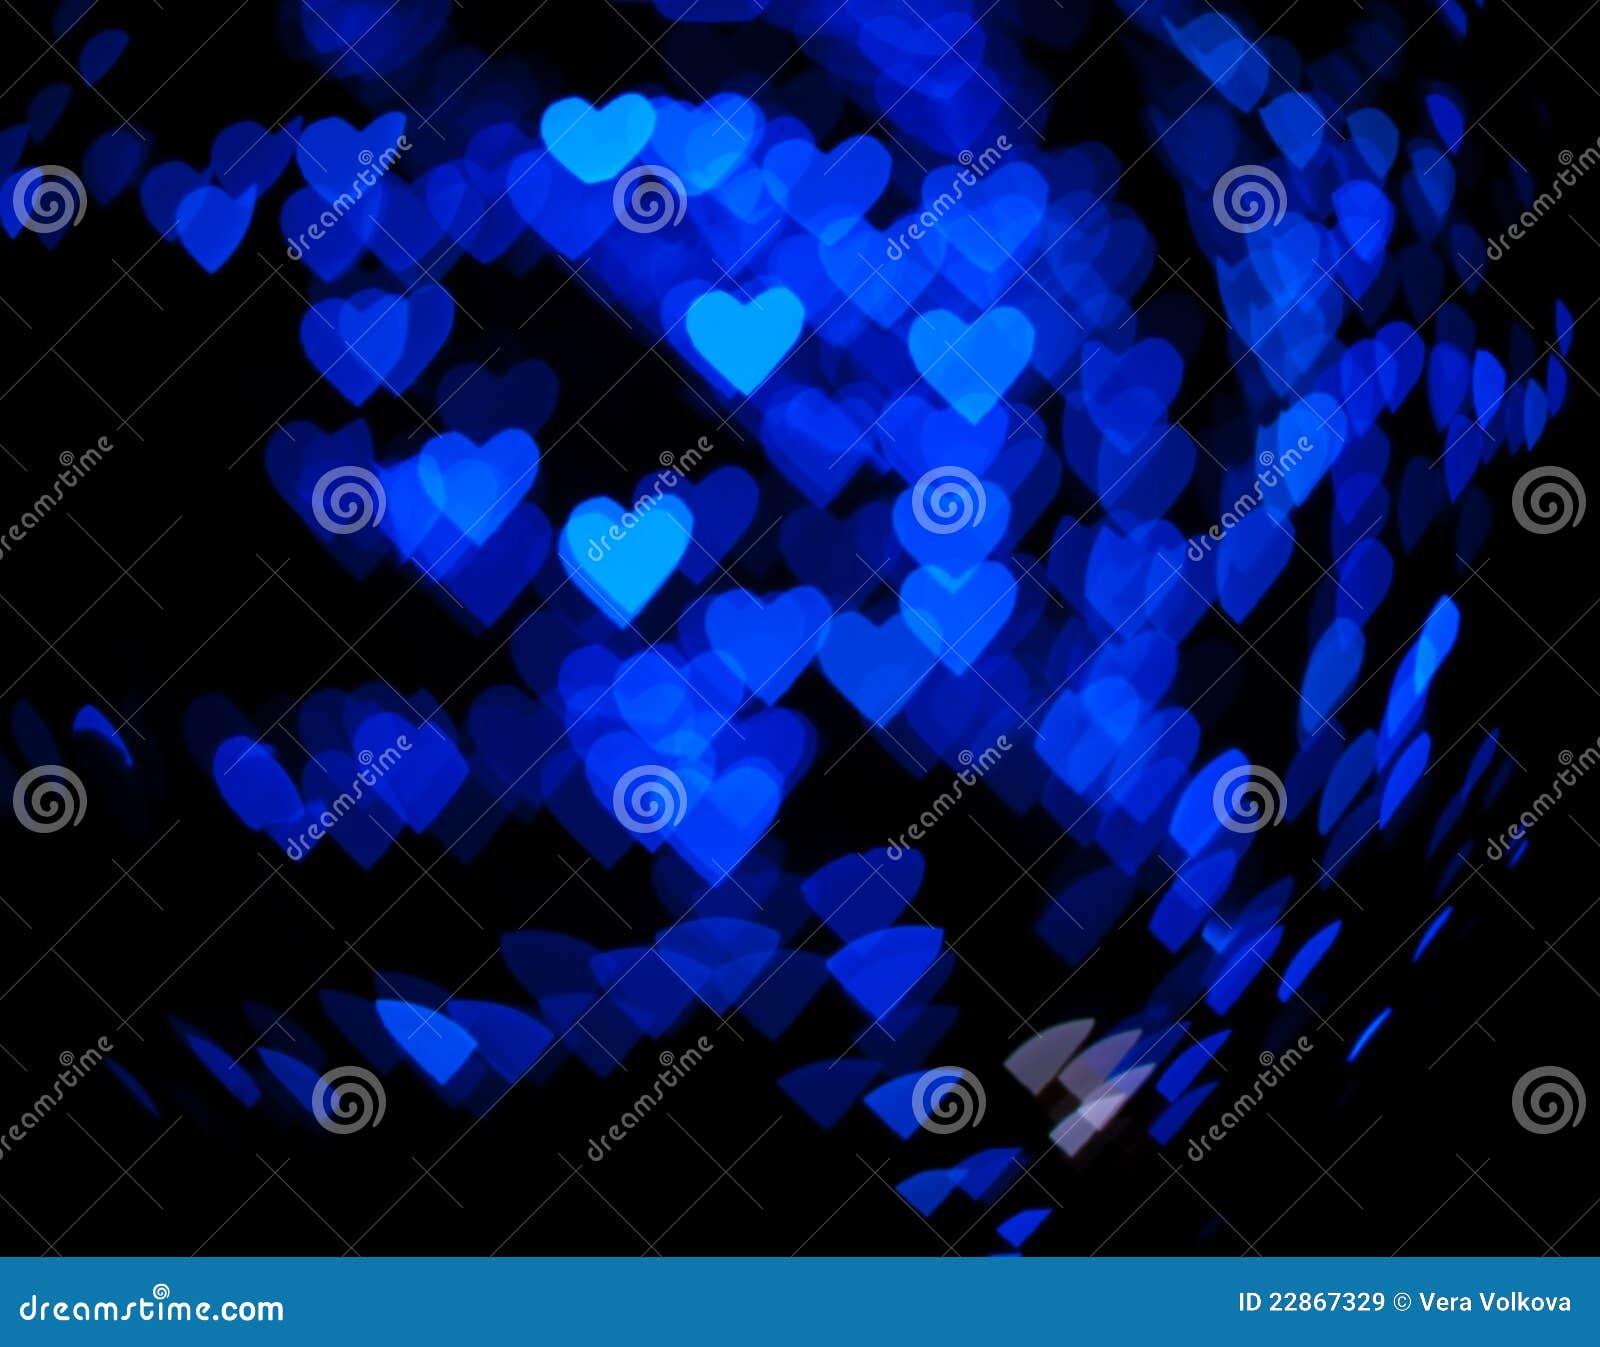 Love symbols background stock illustration illustration of image love symbols background royalty free stock photo buycottarizona Image collections